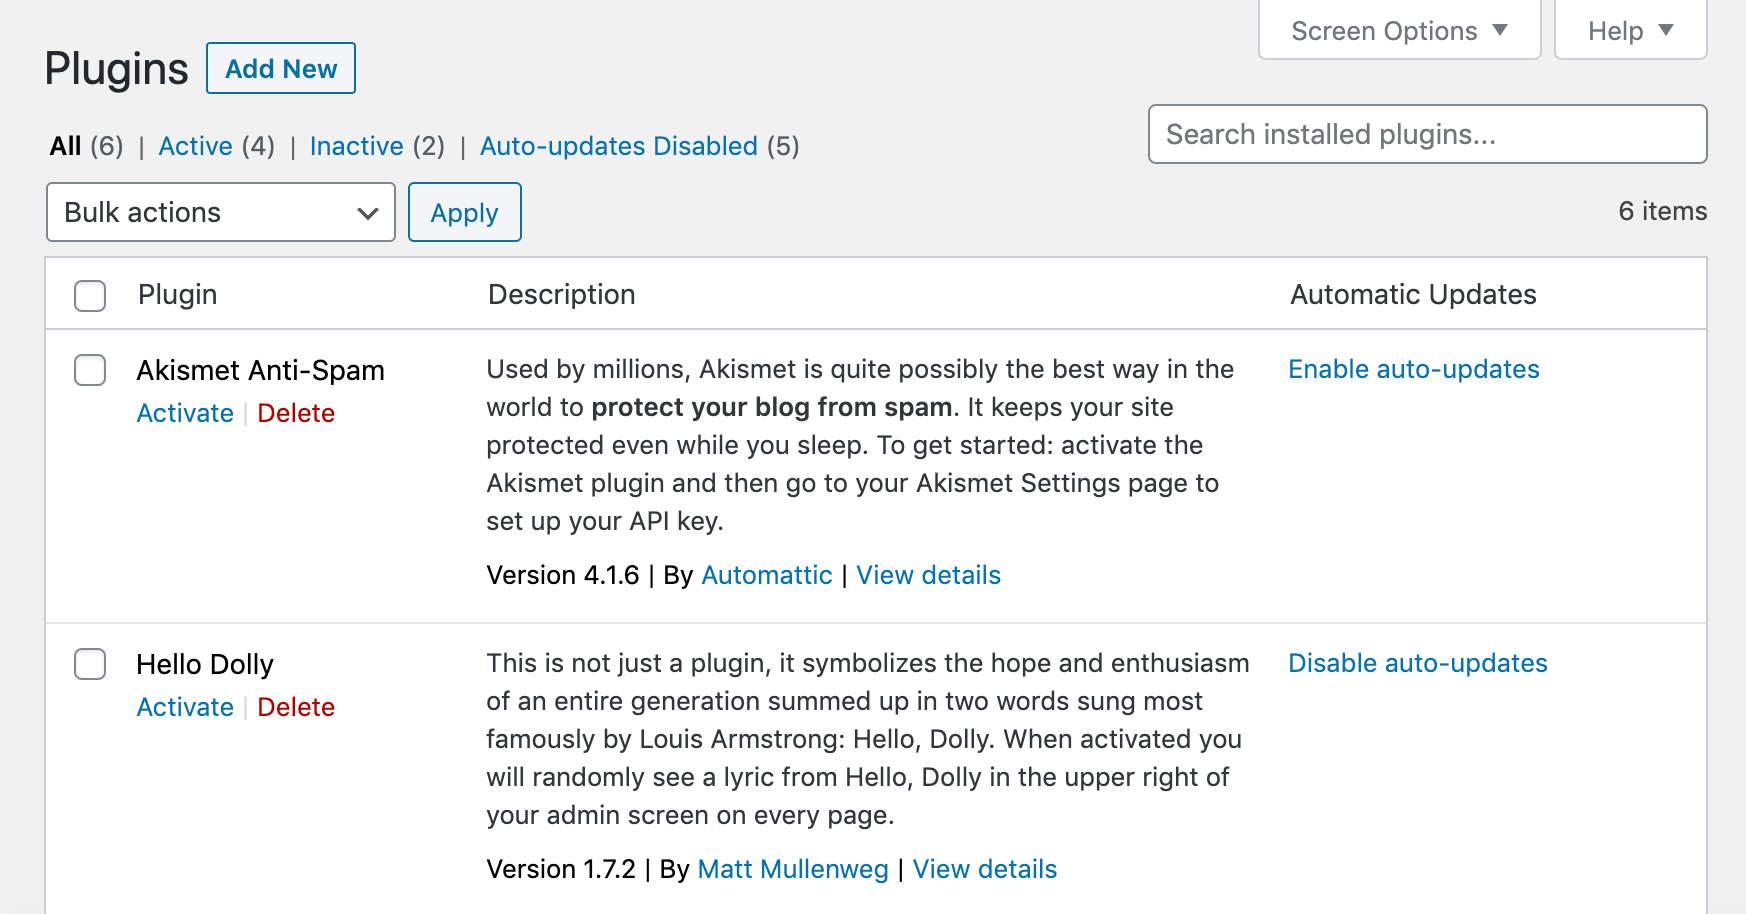 Habilitando las actualizaciones automáticas para los plugins